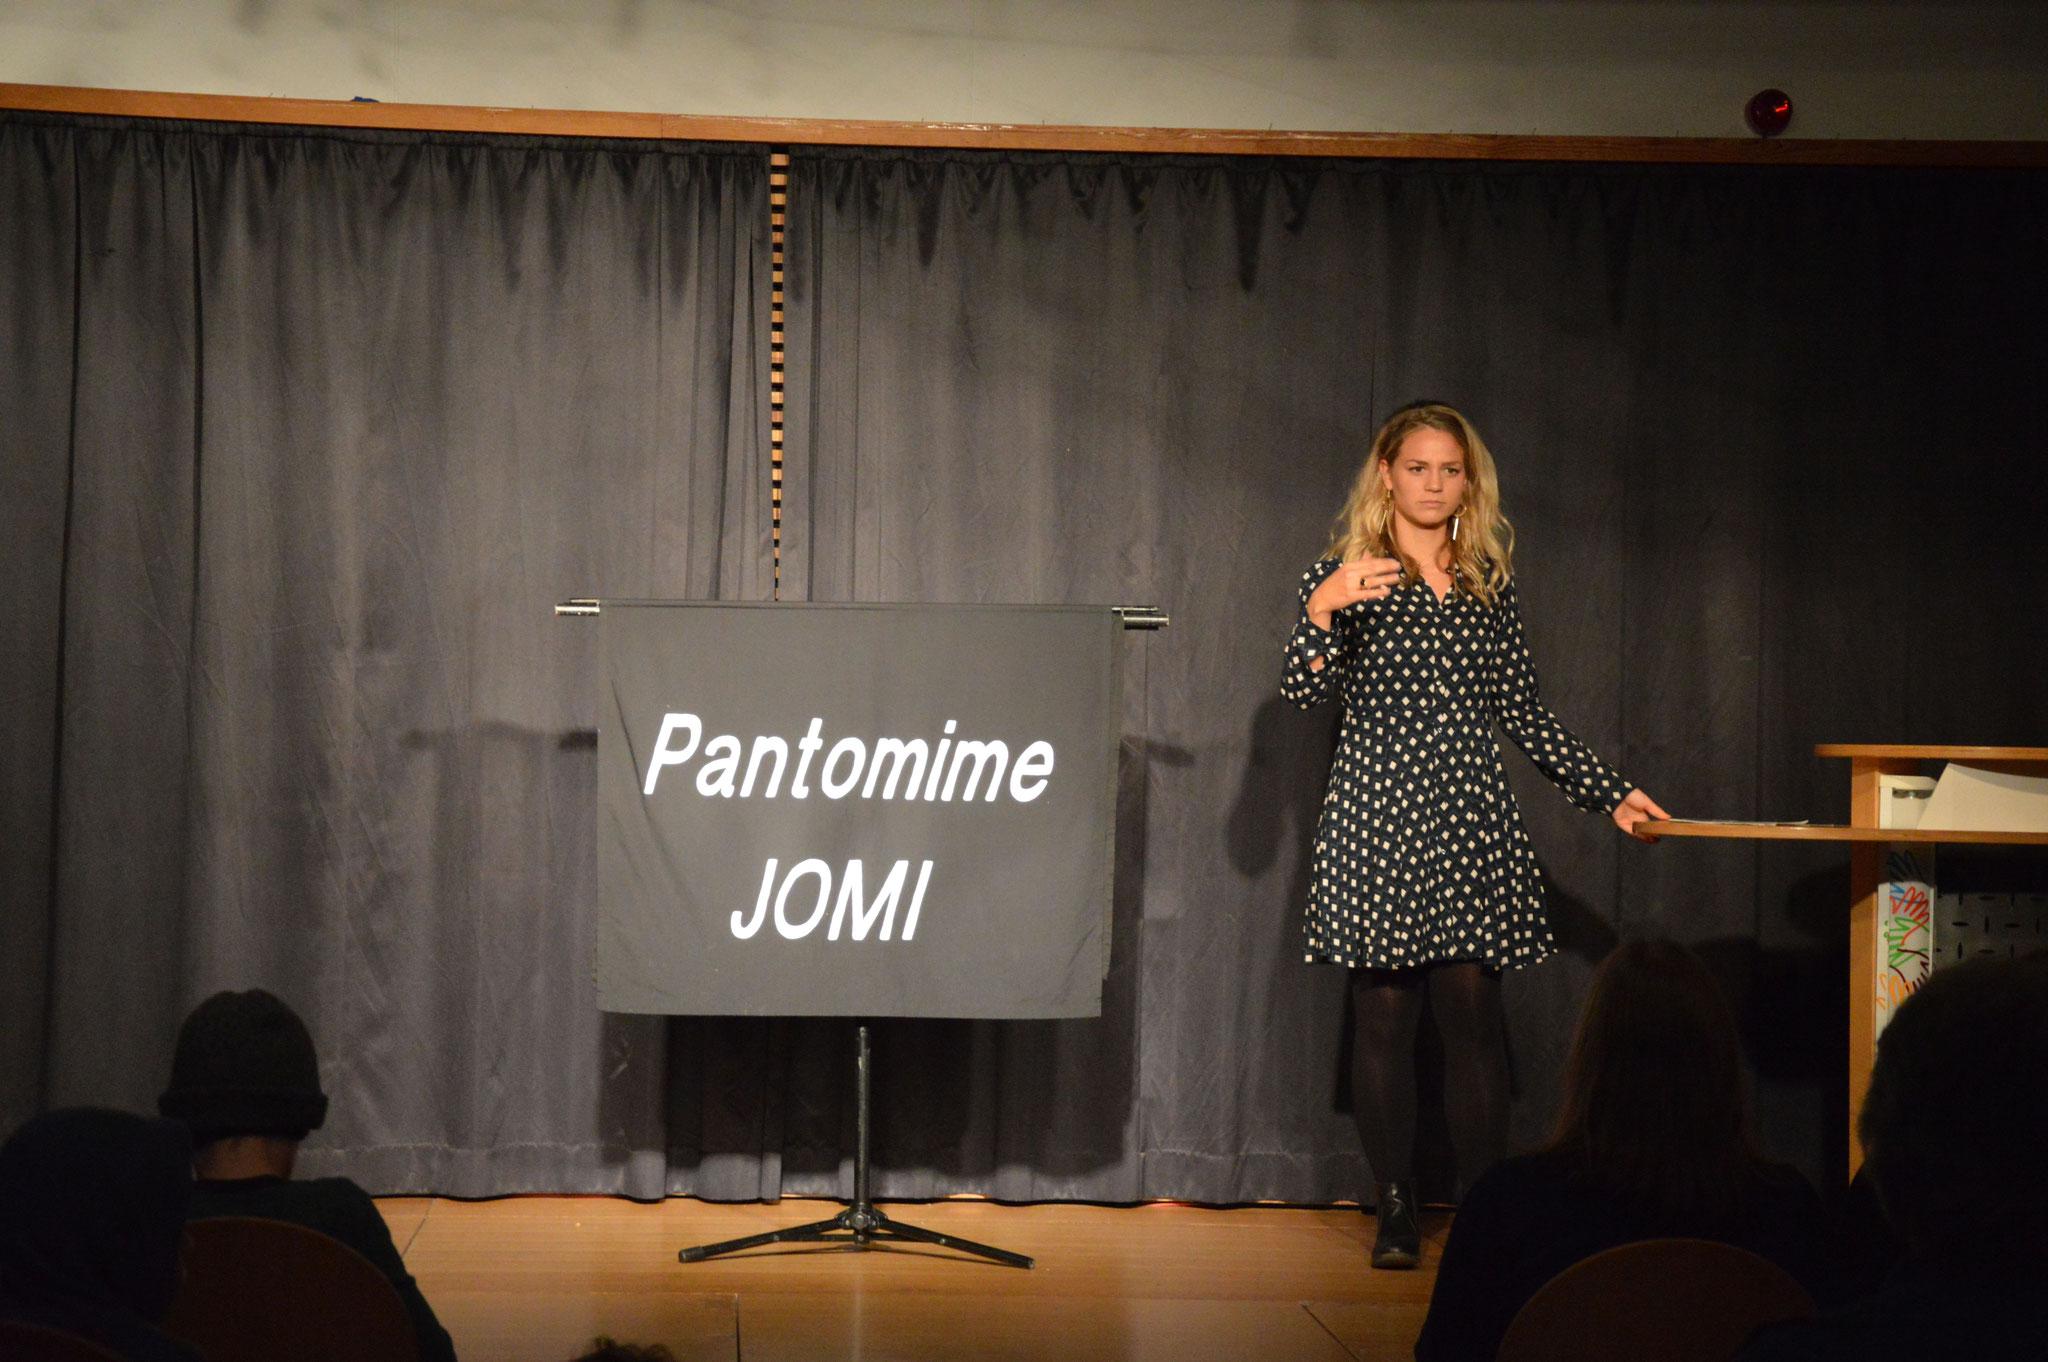 Laura Meinhard kündigt Pantomime JOMI an